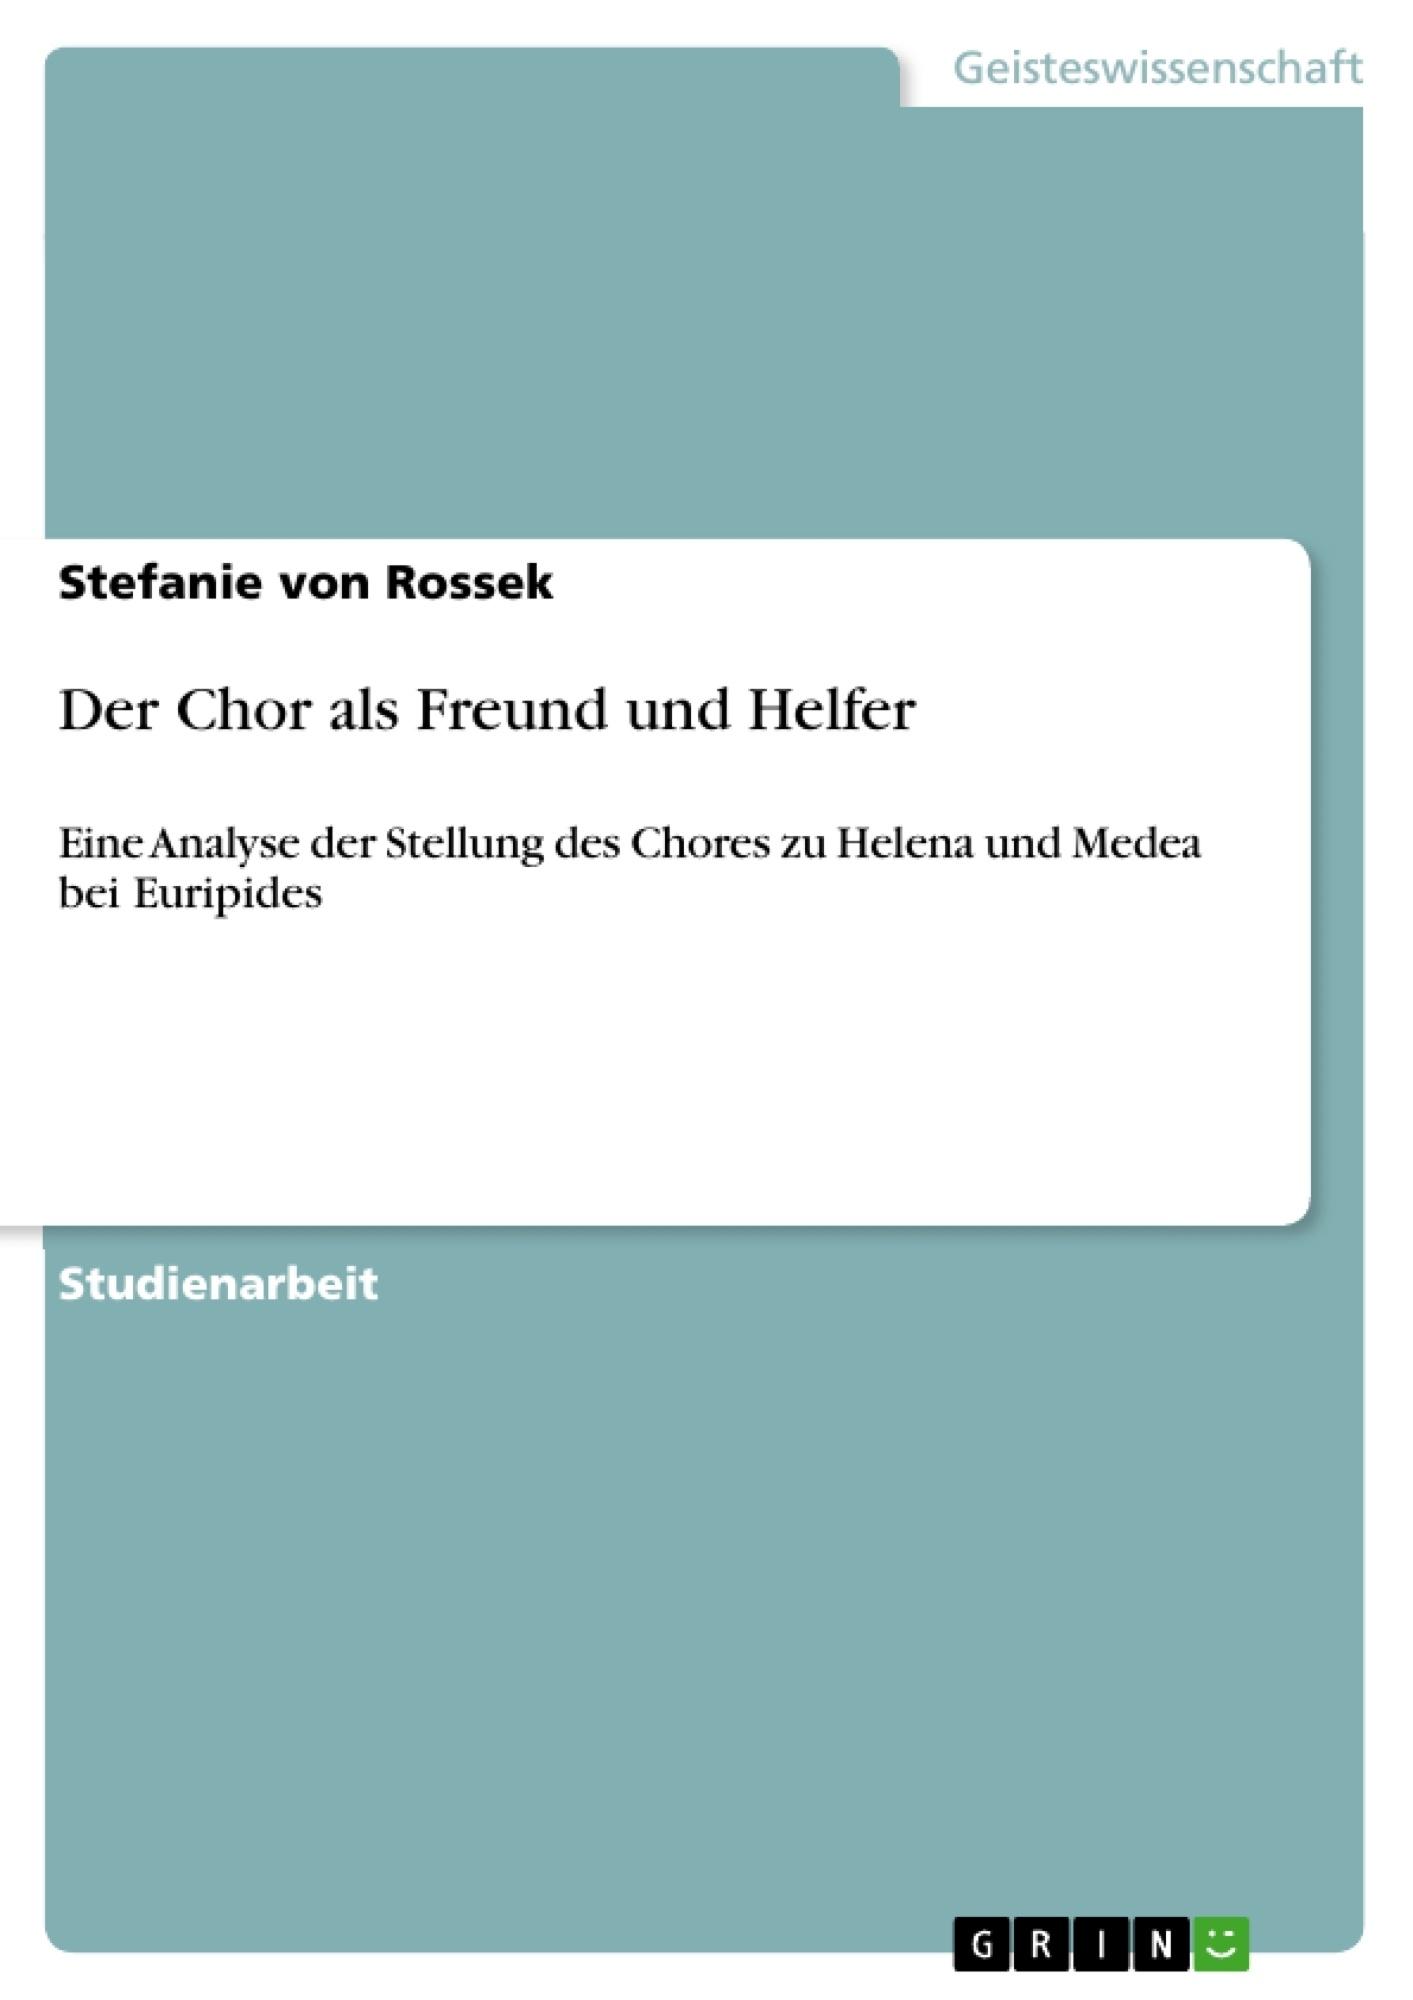 Titel: Der Chor als Freund und Helfer